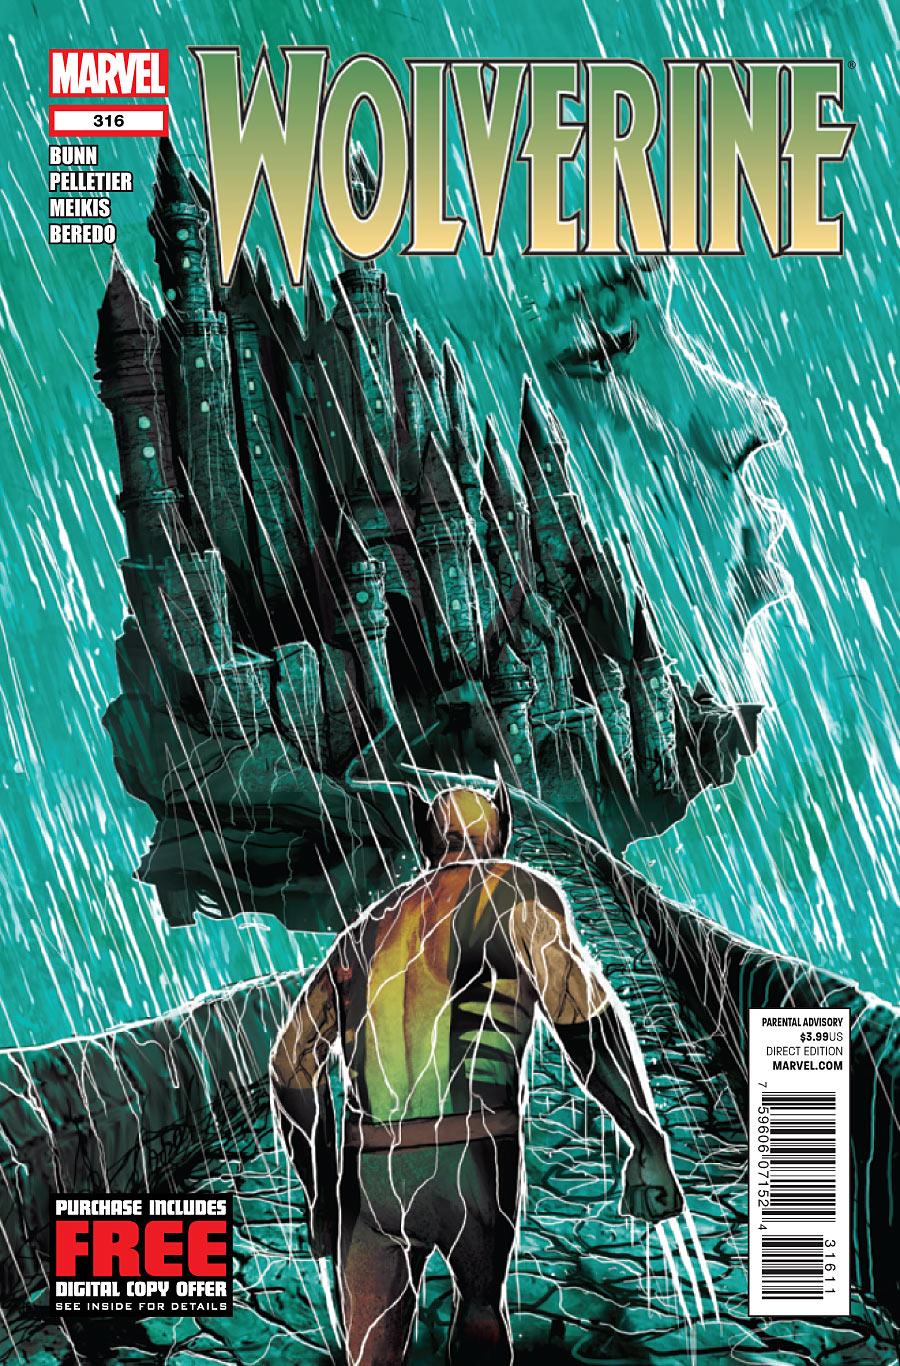 Wolverine Vol 2 316